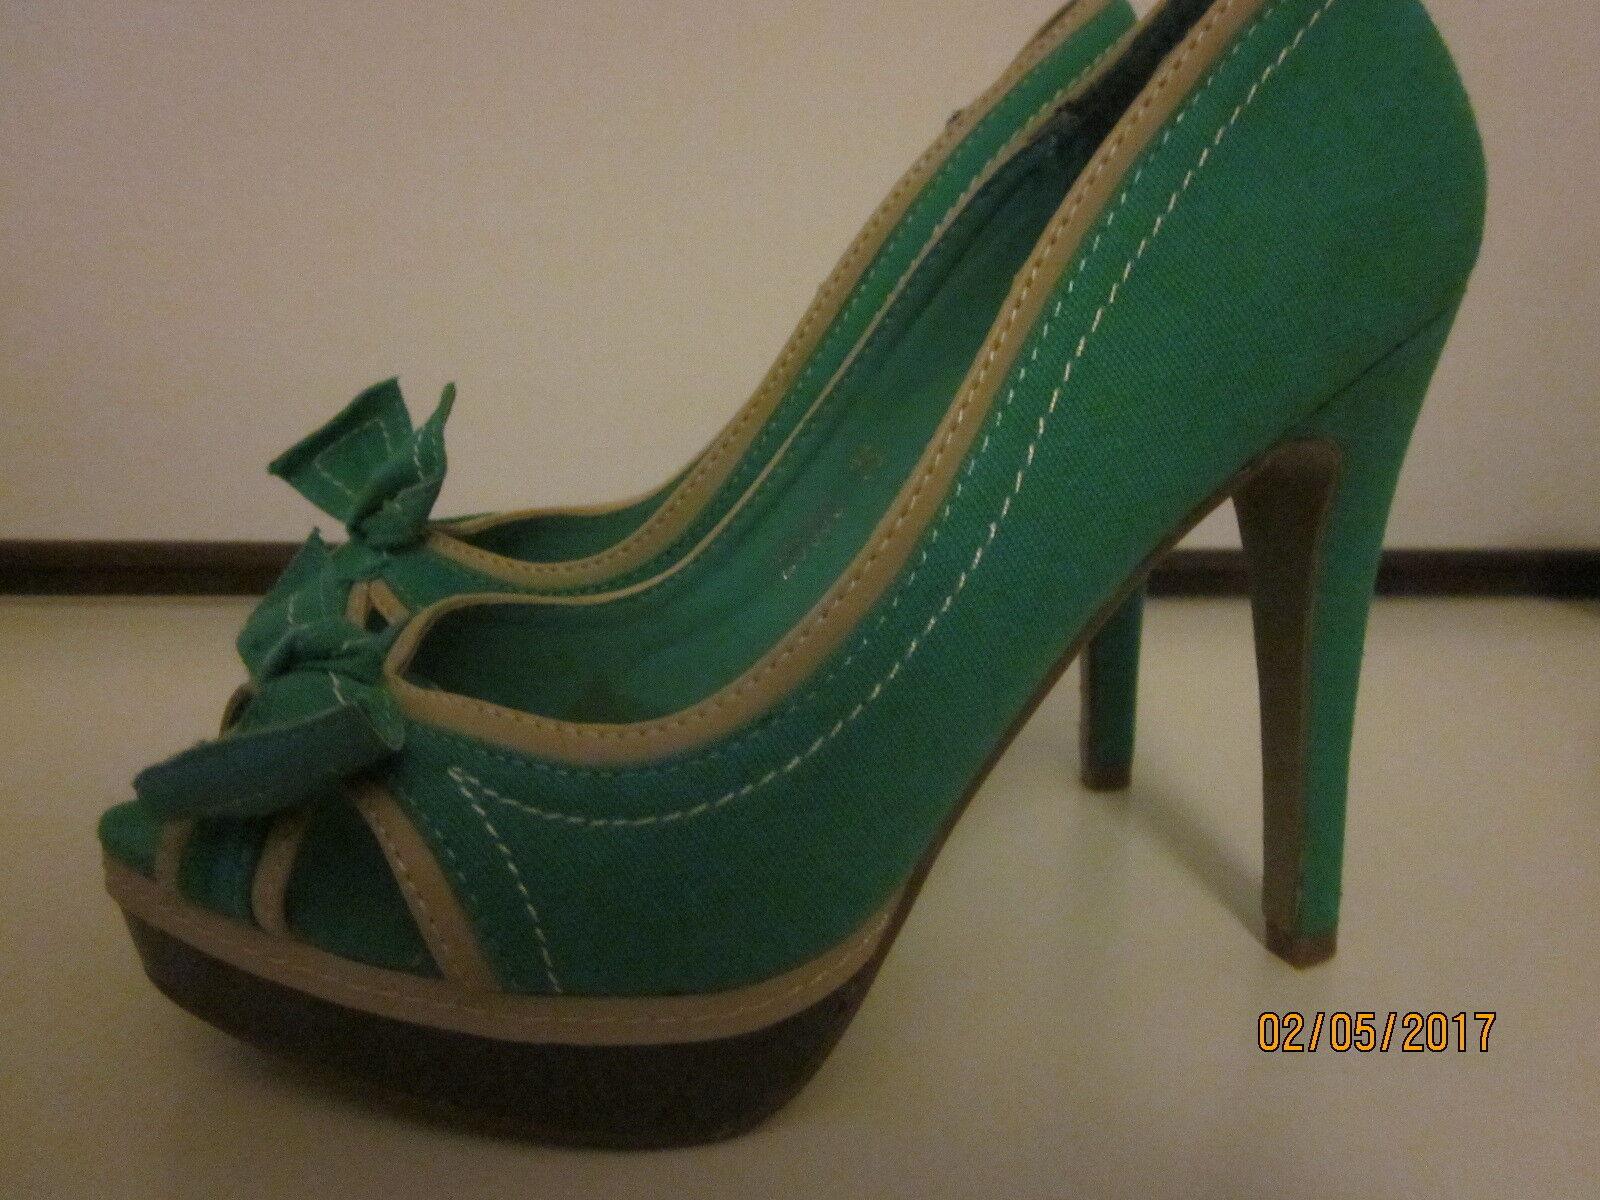 Peeptoes grün, neu, hoher Absatz Gr 35, neu, grün, Damen abf2d7